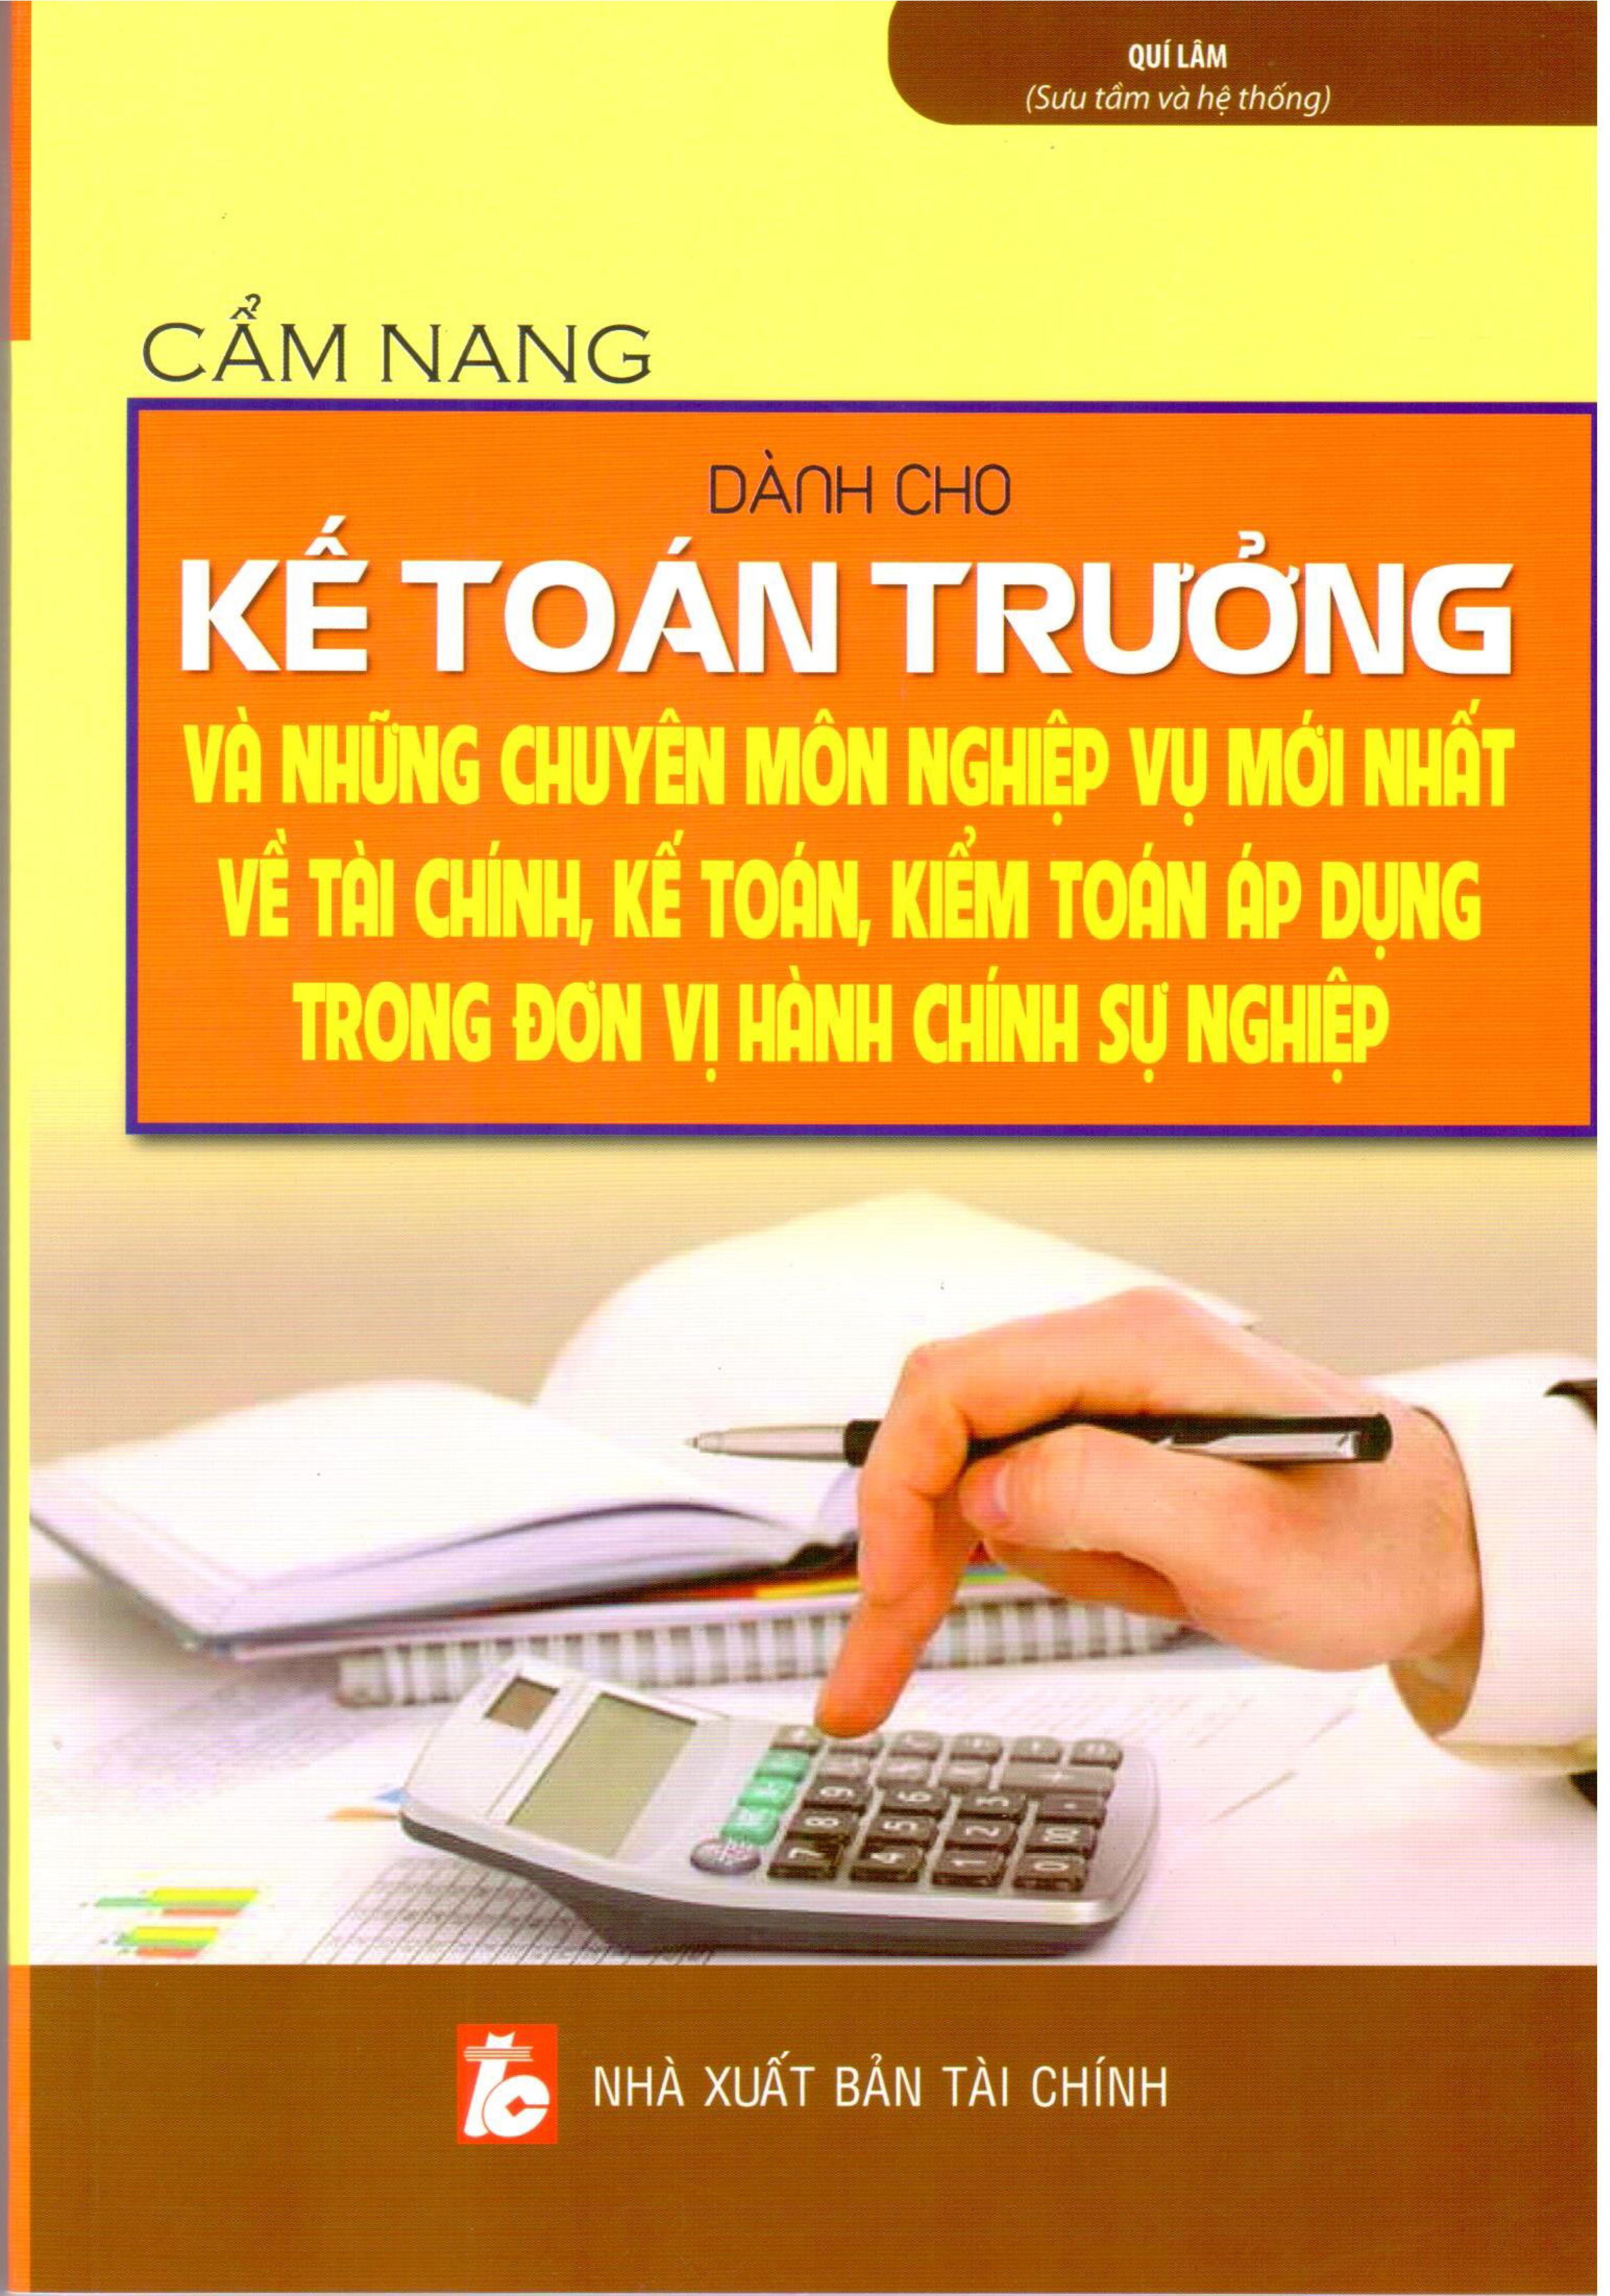 Cẩm Nang Dành Cho Kế Toán Trưởng Đơn Vị Hành Chính Sự Nghiệp - 9399396 , 8707474861688 , 62_3266347 , 350000 , Cam-Nang-Danh-Cho-Ke-Toan-Truong-Don-Vi-Hanh-Chinh-Su-Nghiep-62_3266347 , tiki.vn , Cẩm Nang Dành Cho Kế Toán Trưởng Đơn Vị Hành Chính Sự Nghiệp